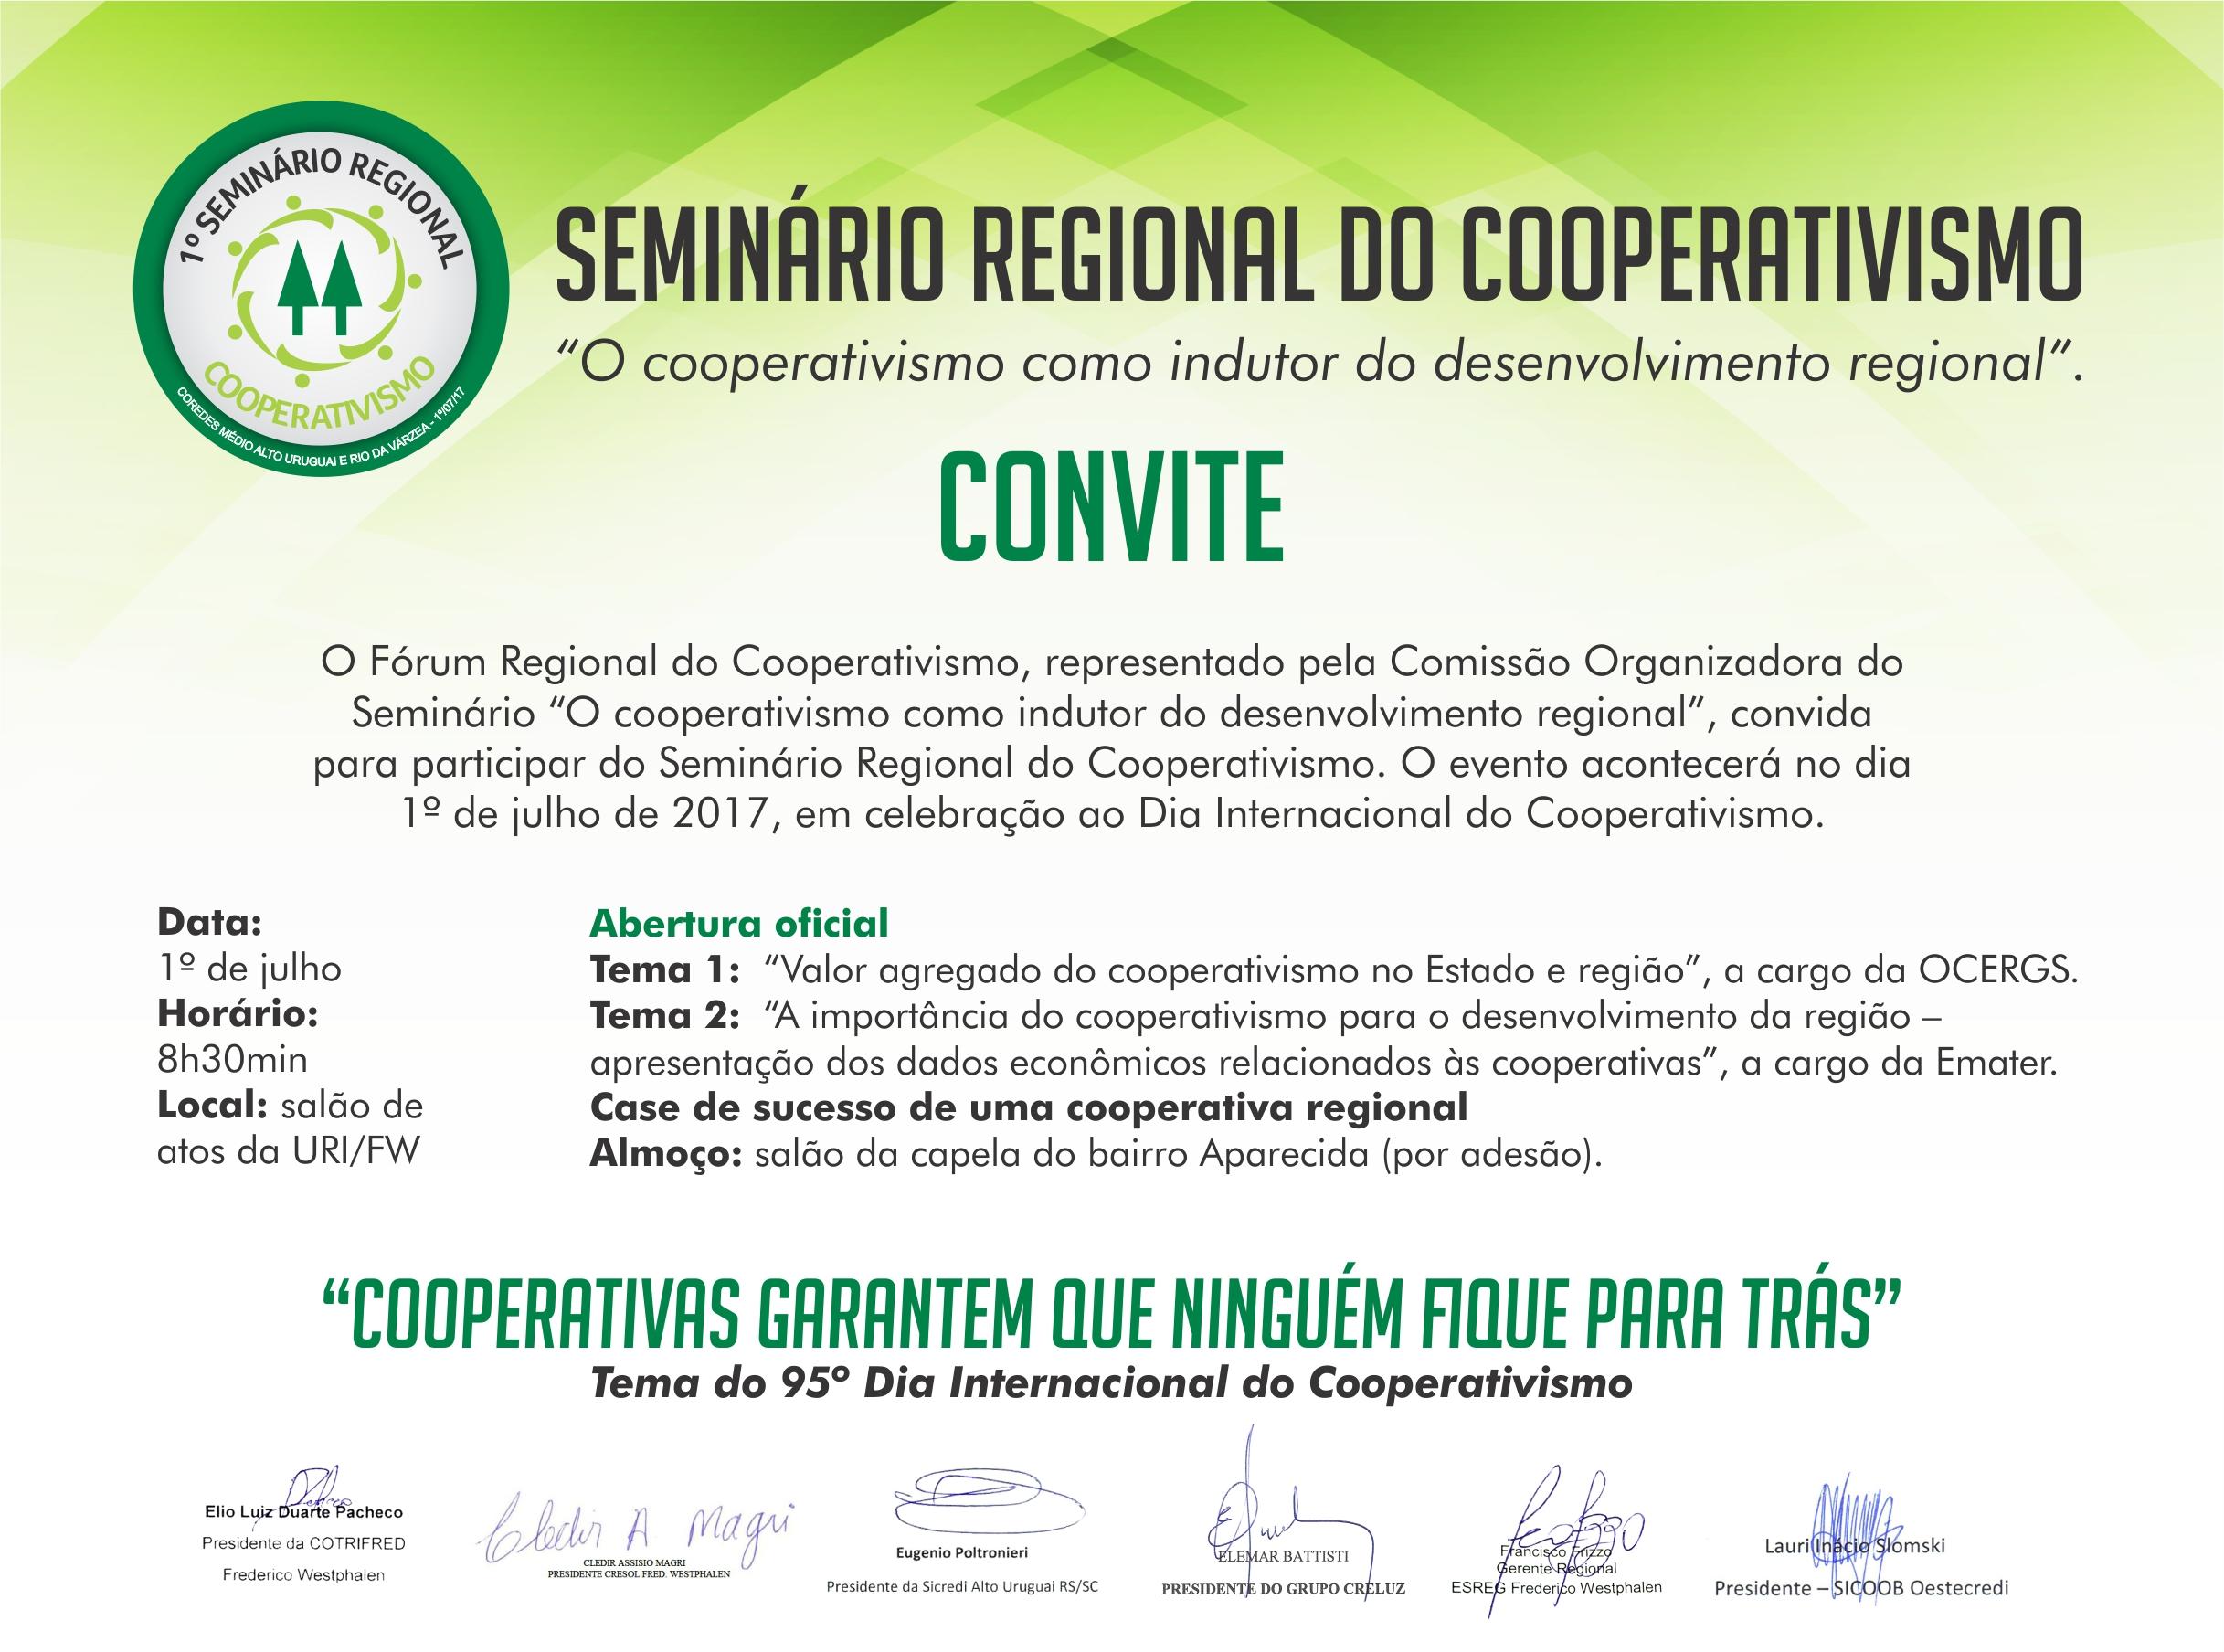 Convite Seminário Regional Cooperativismo